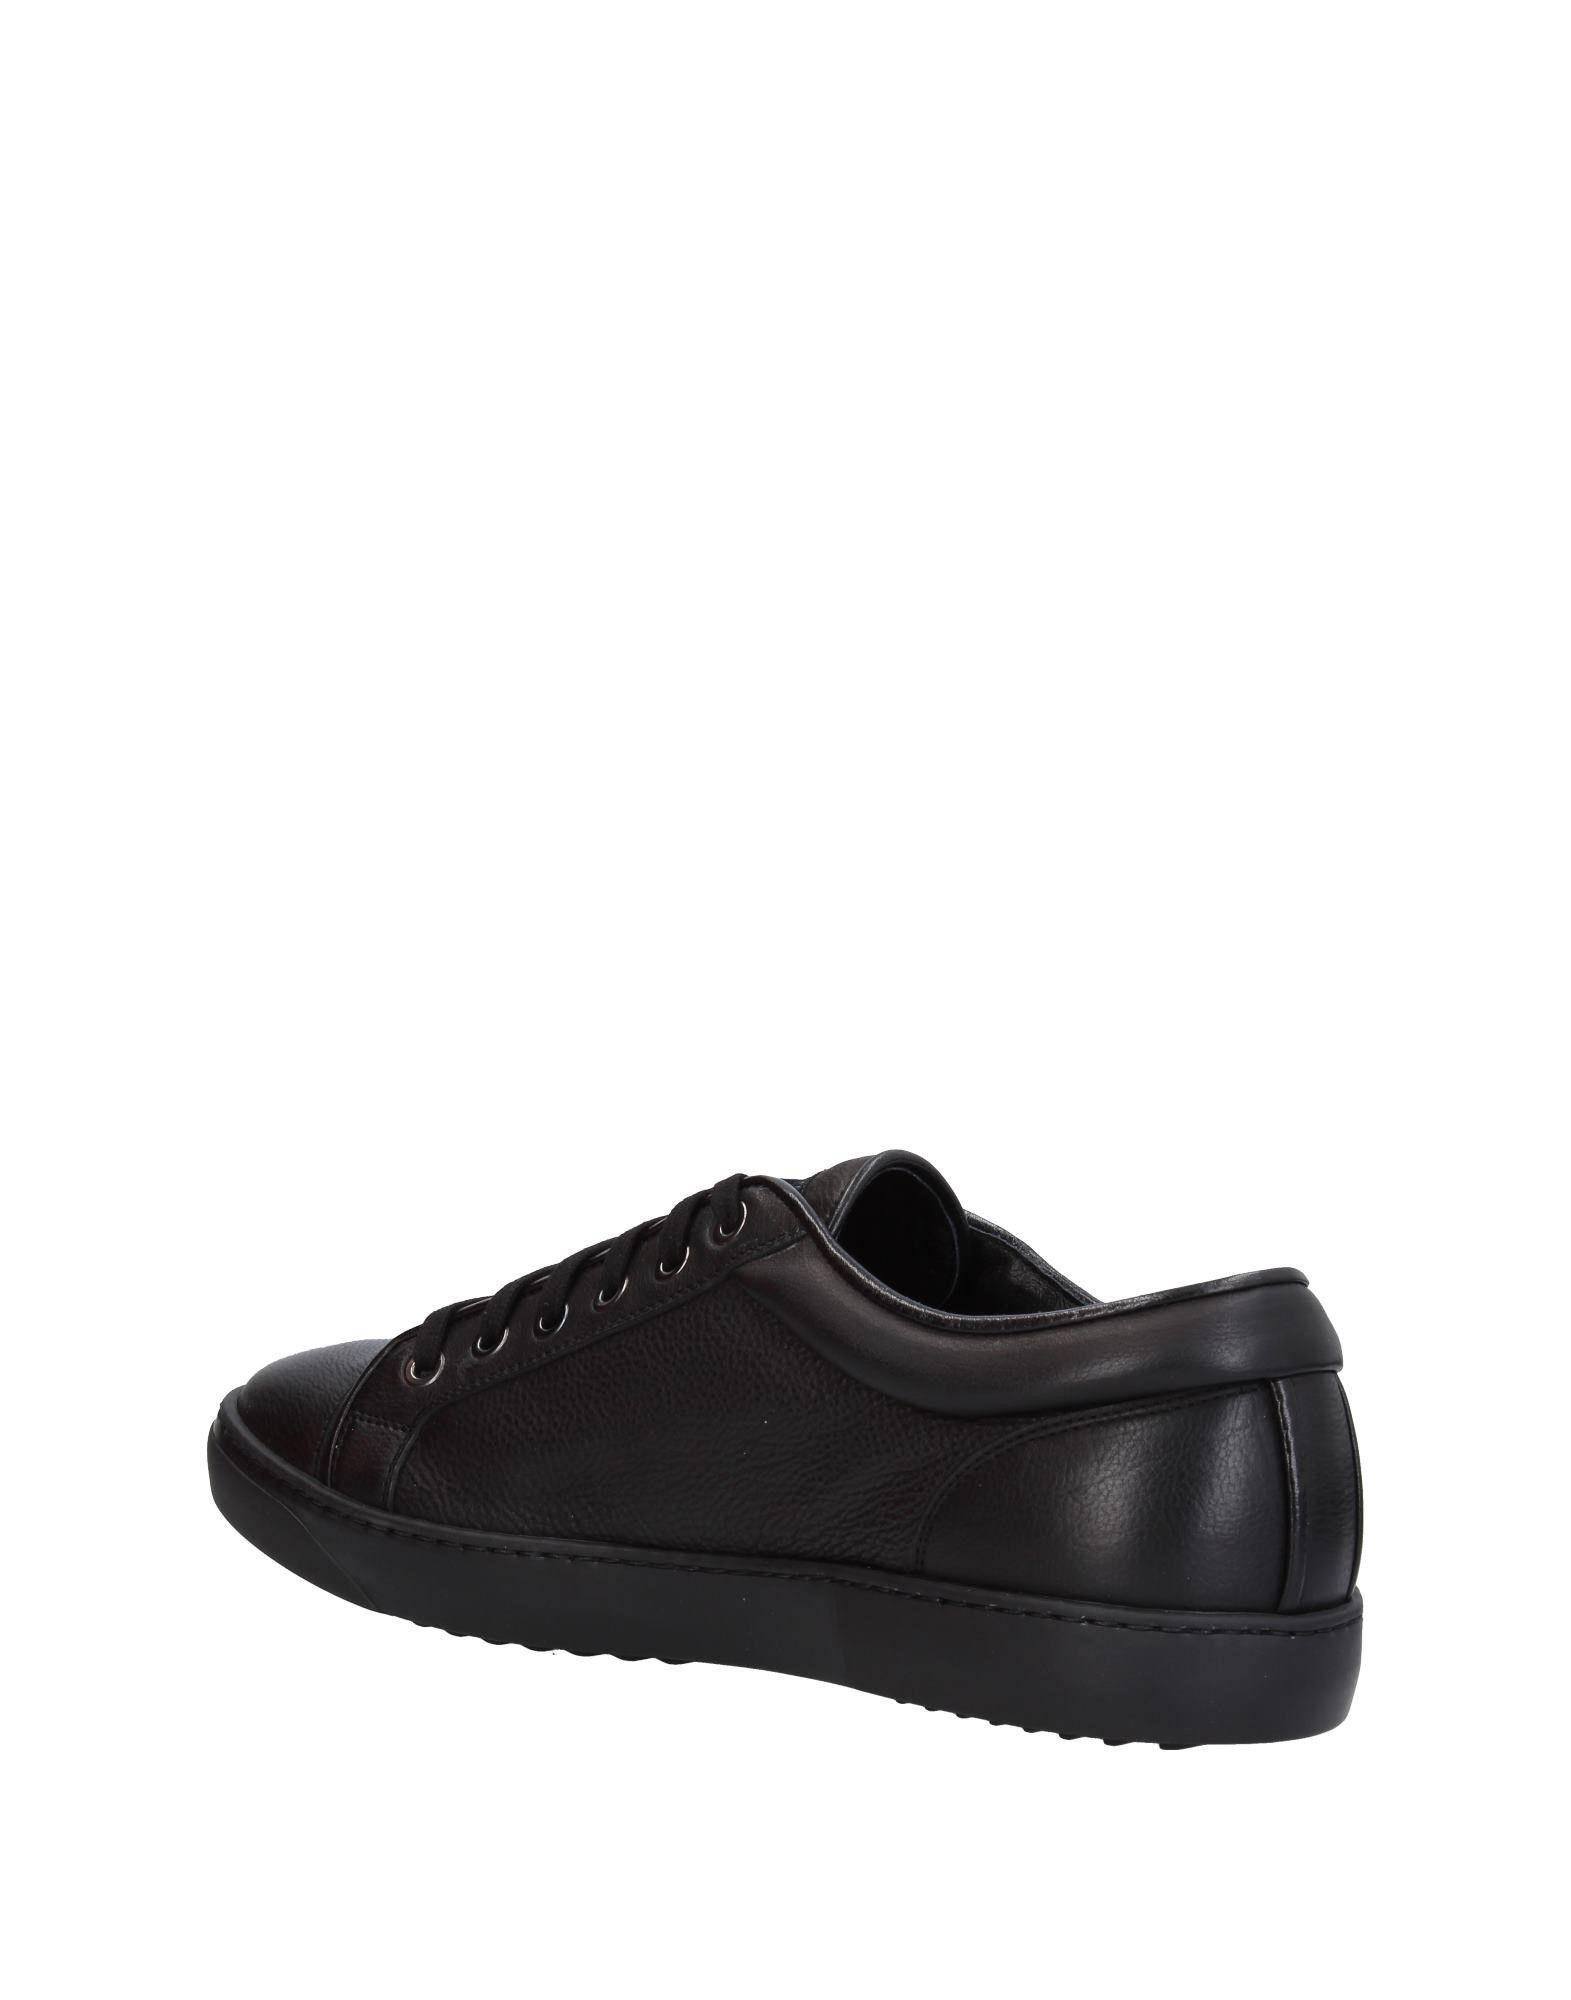 Herren Fabi Sneakers Herren   11387693CB Heiße Schuhe 86ad44